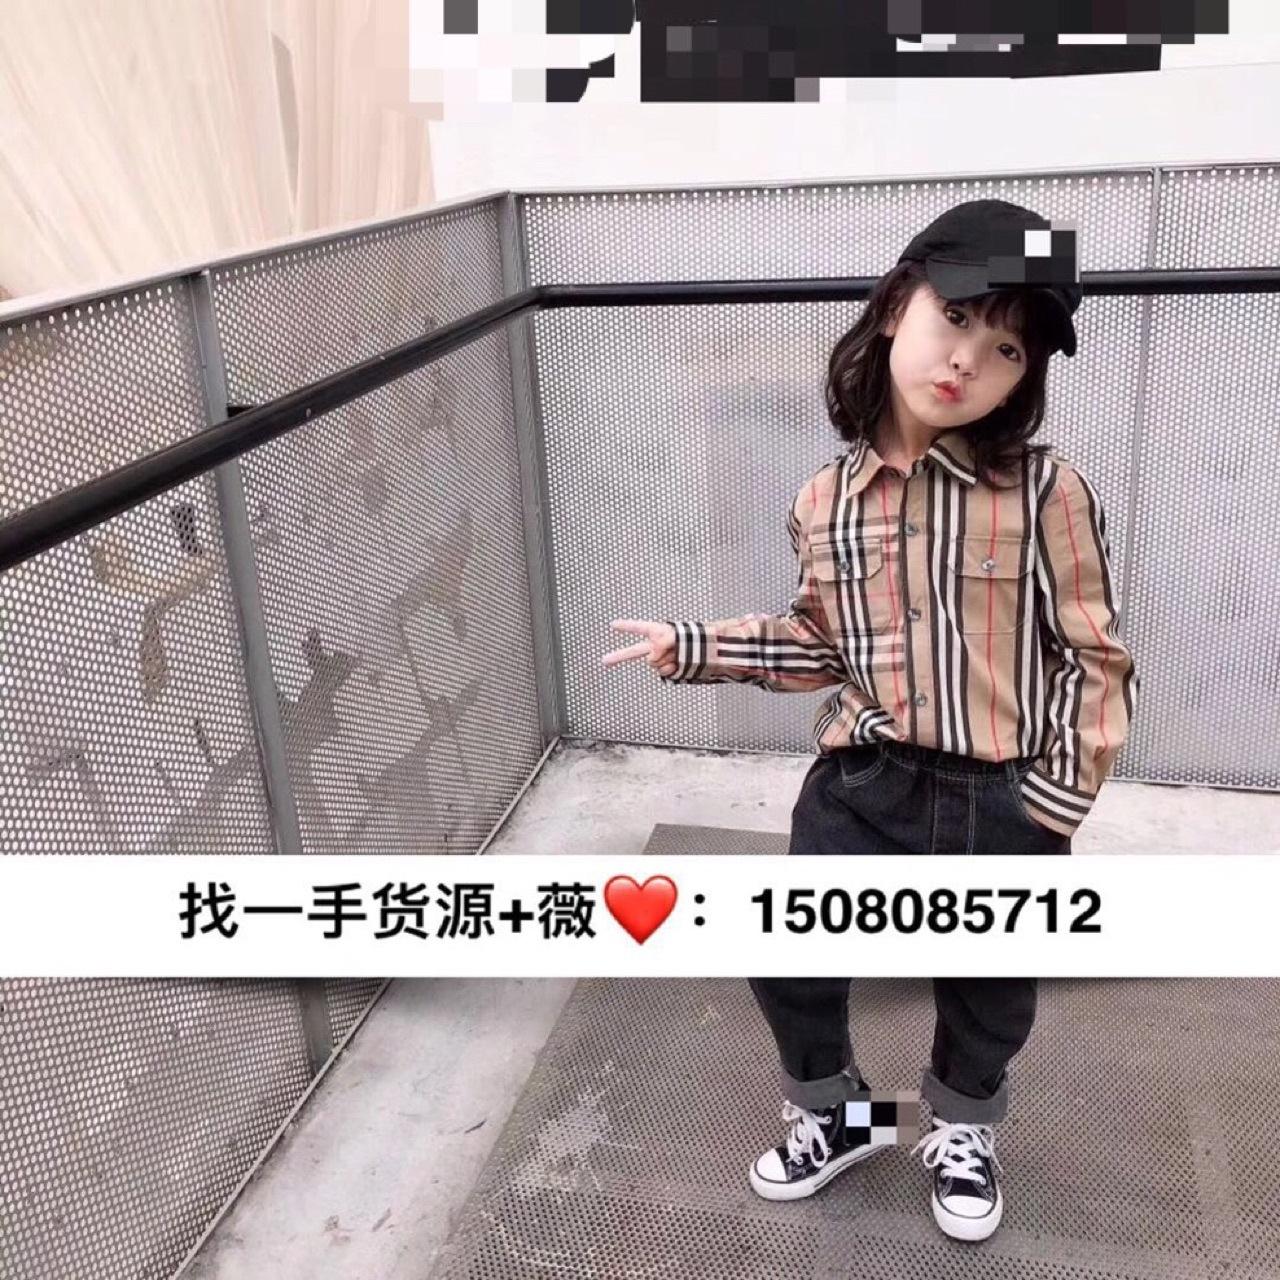 2019夏季高端韓版童裝直批一手貨源廠家直銷一件代發微商代理加盟